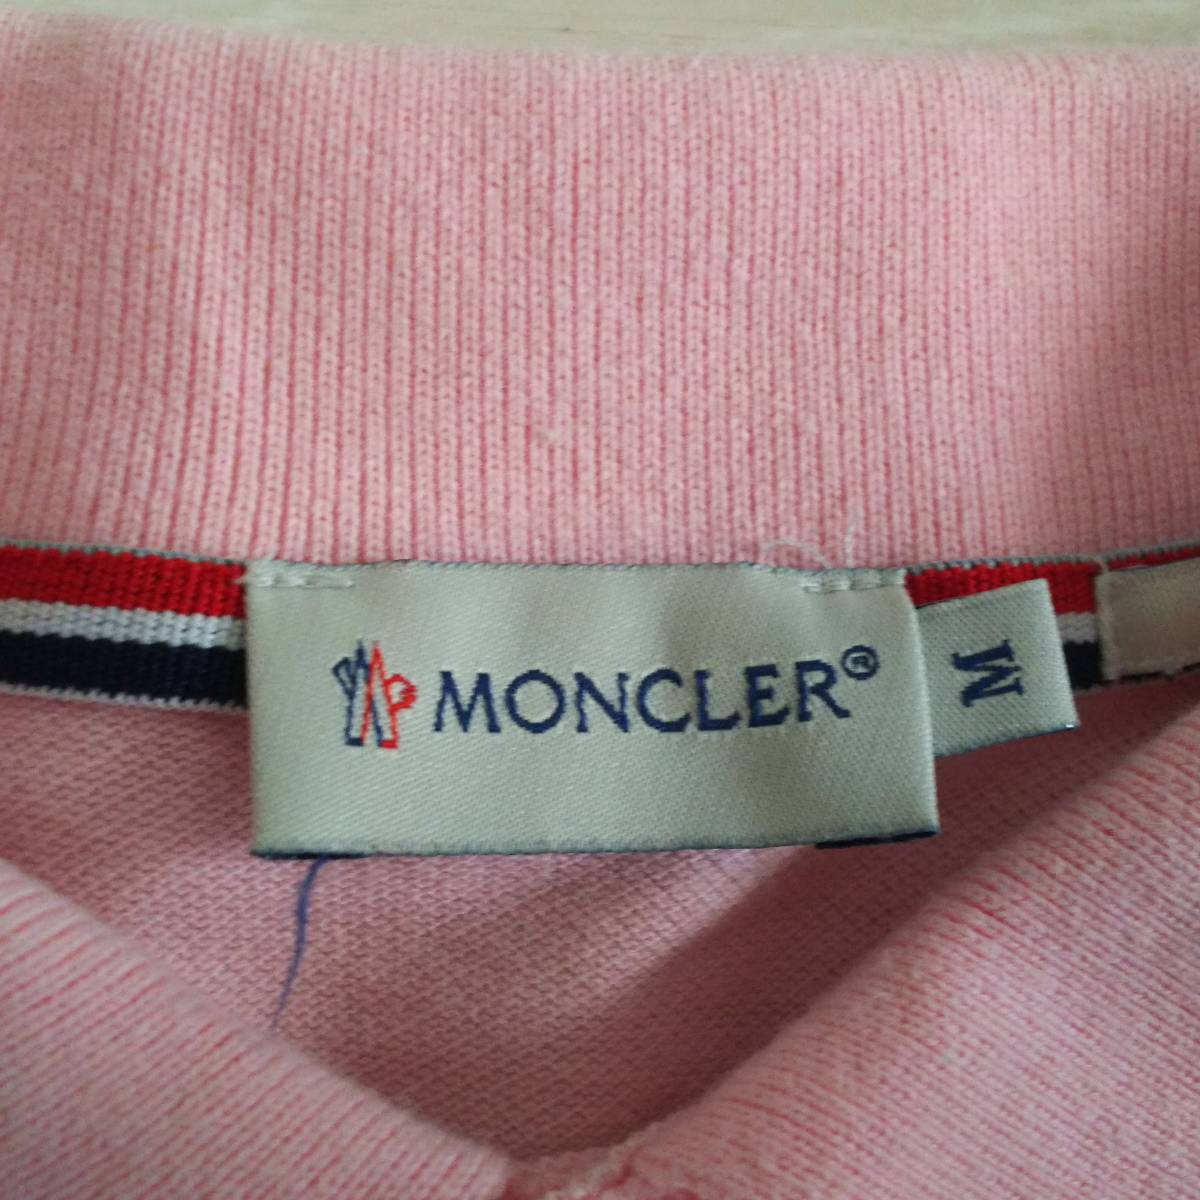 ★モンクレール MONCLER スリムフィット 半袖 ポロシャツ ピンク×白 レディース★_画像3